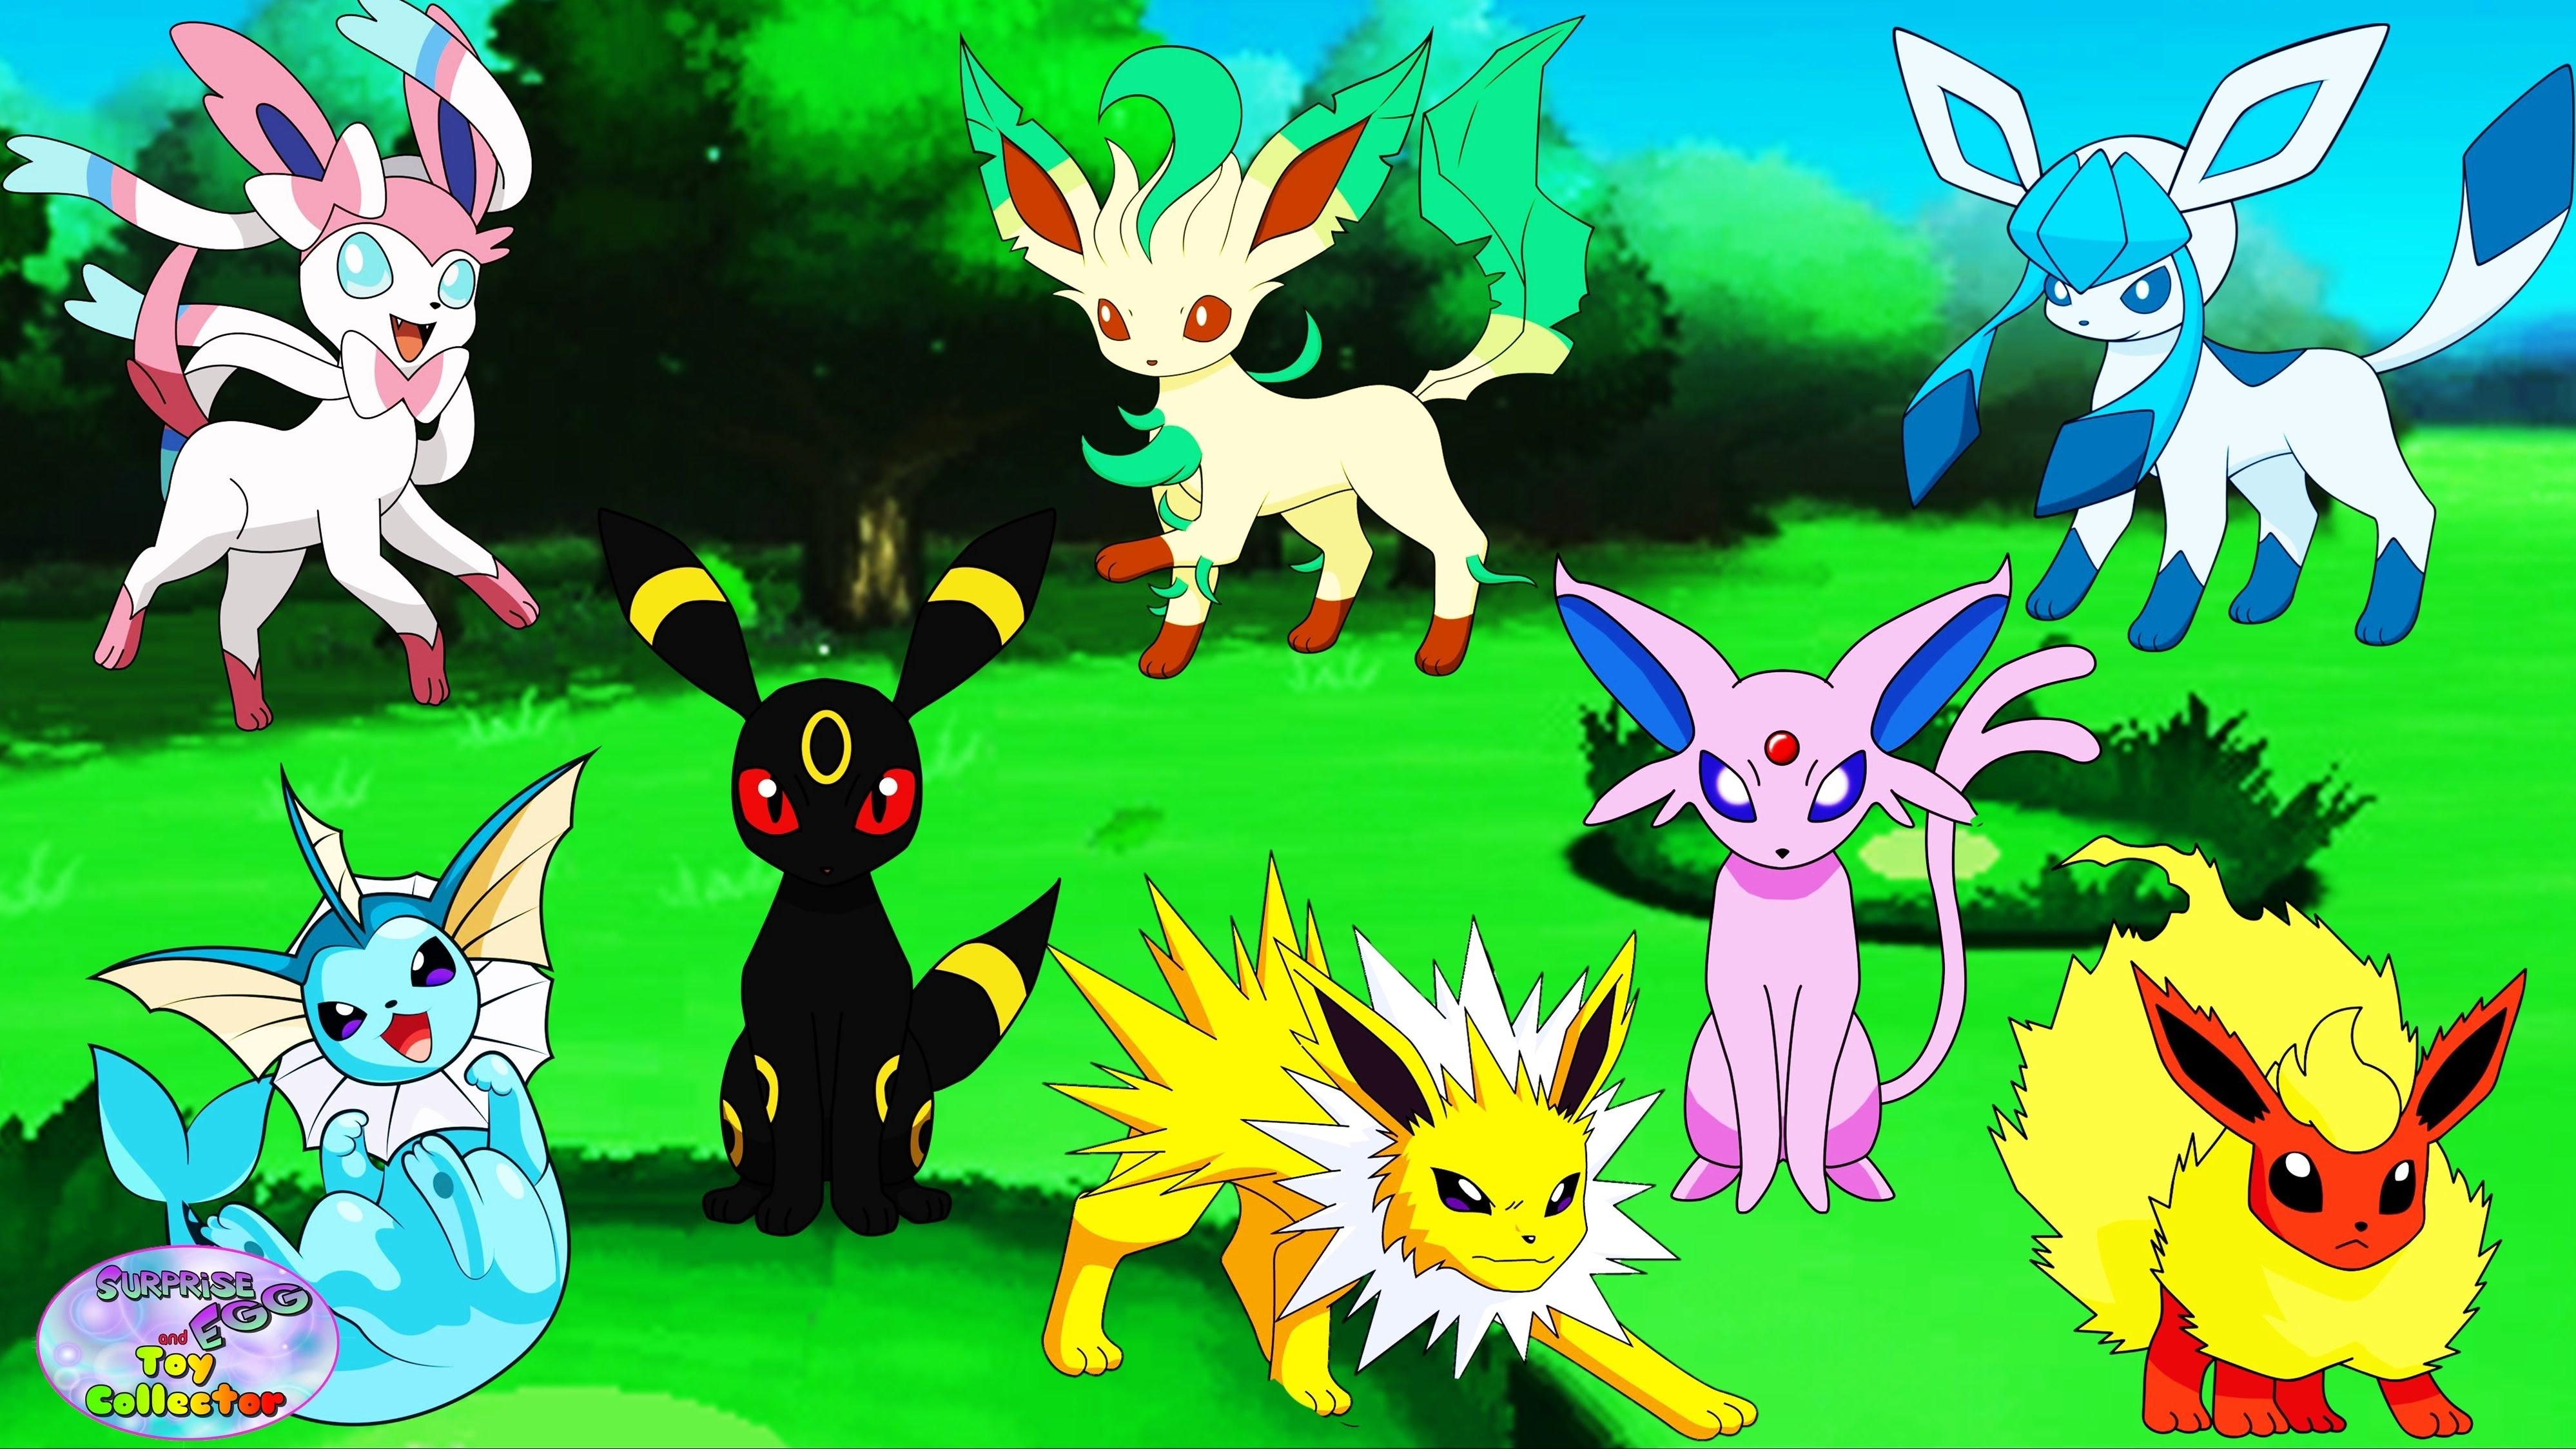 pokemon eevee evolutions eeveeloution umbreon jolteon vaporeon